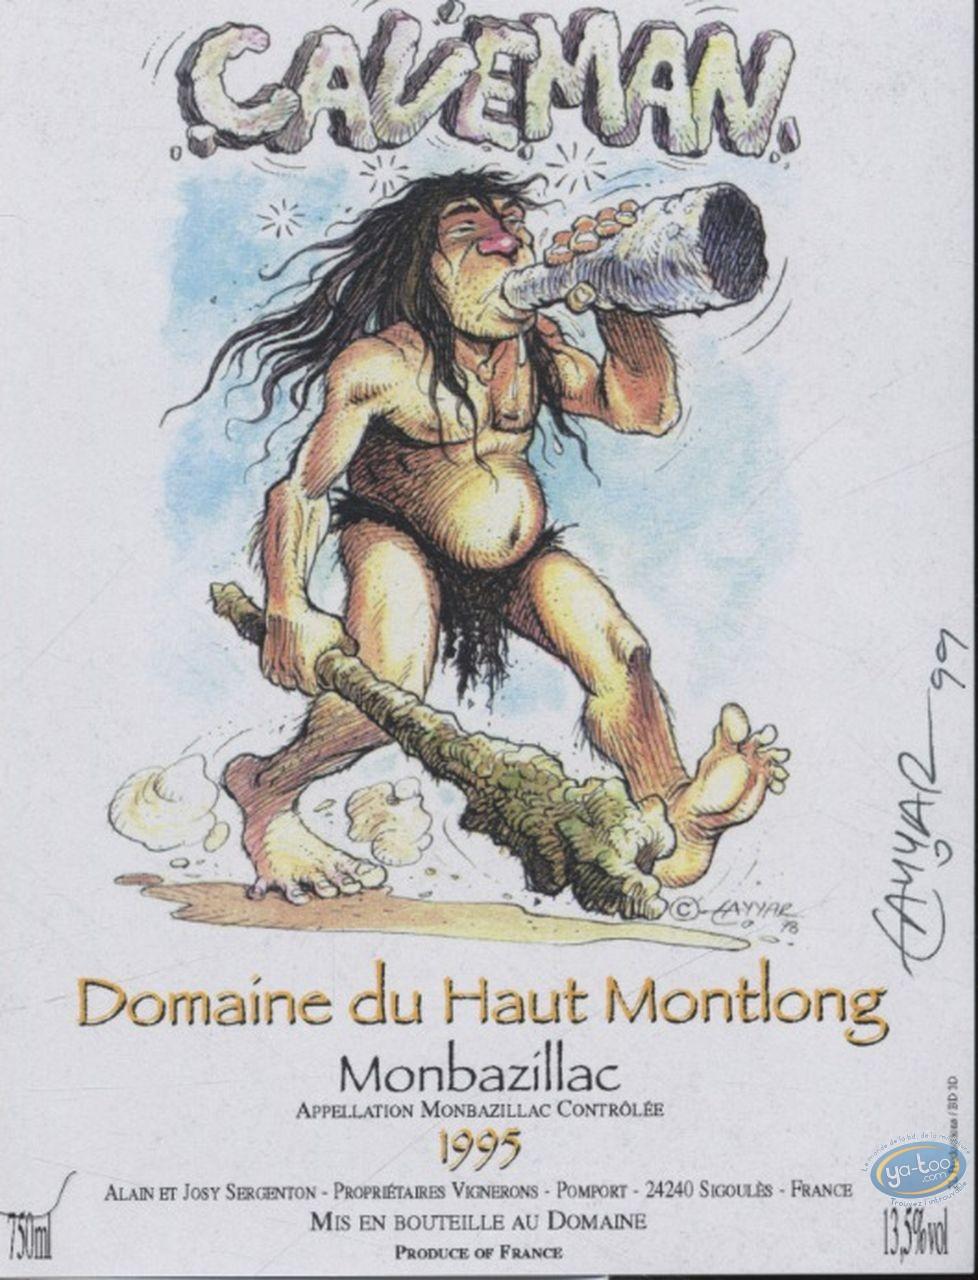 Etiquette de Vin, Caveman - Domaine du Haut Montlong 1995